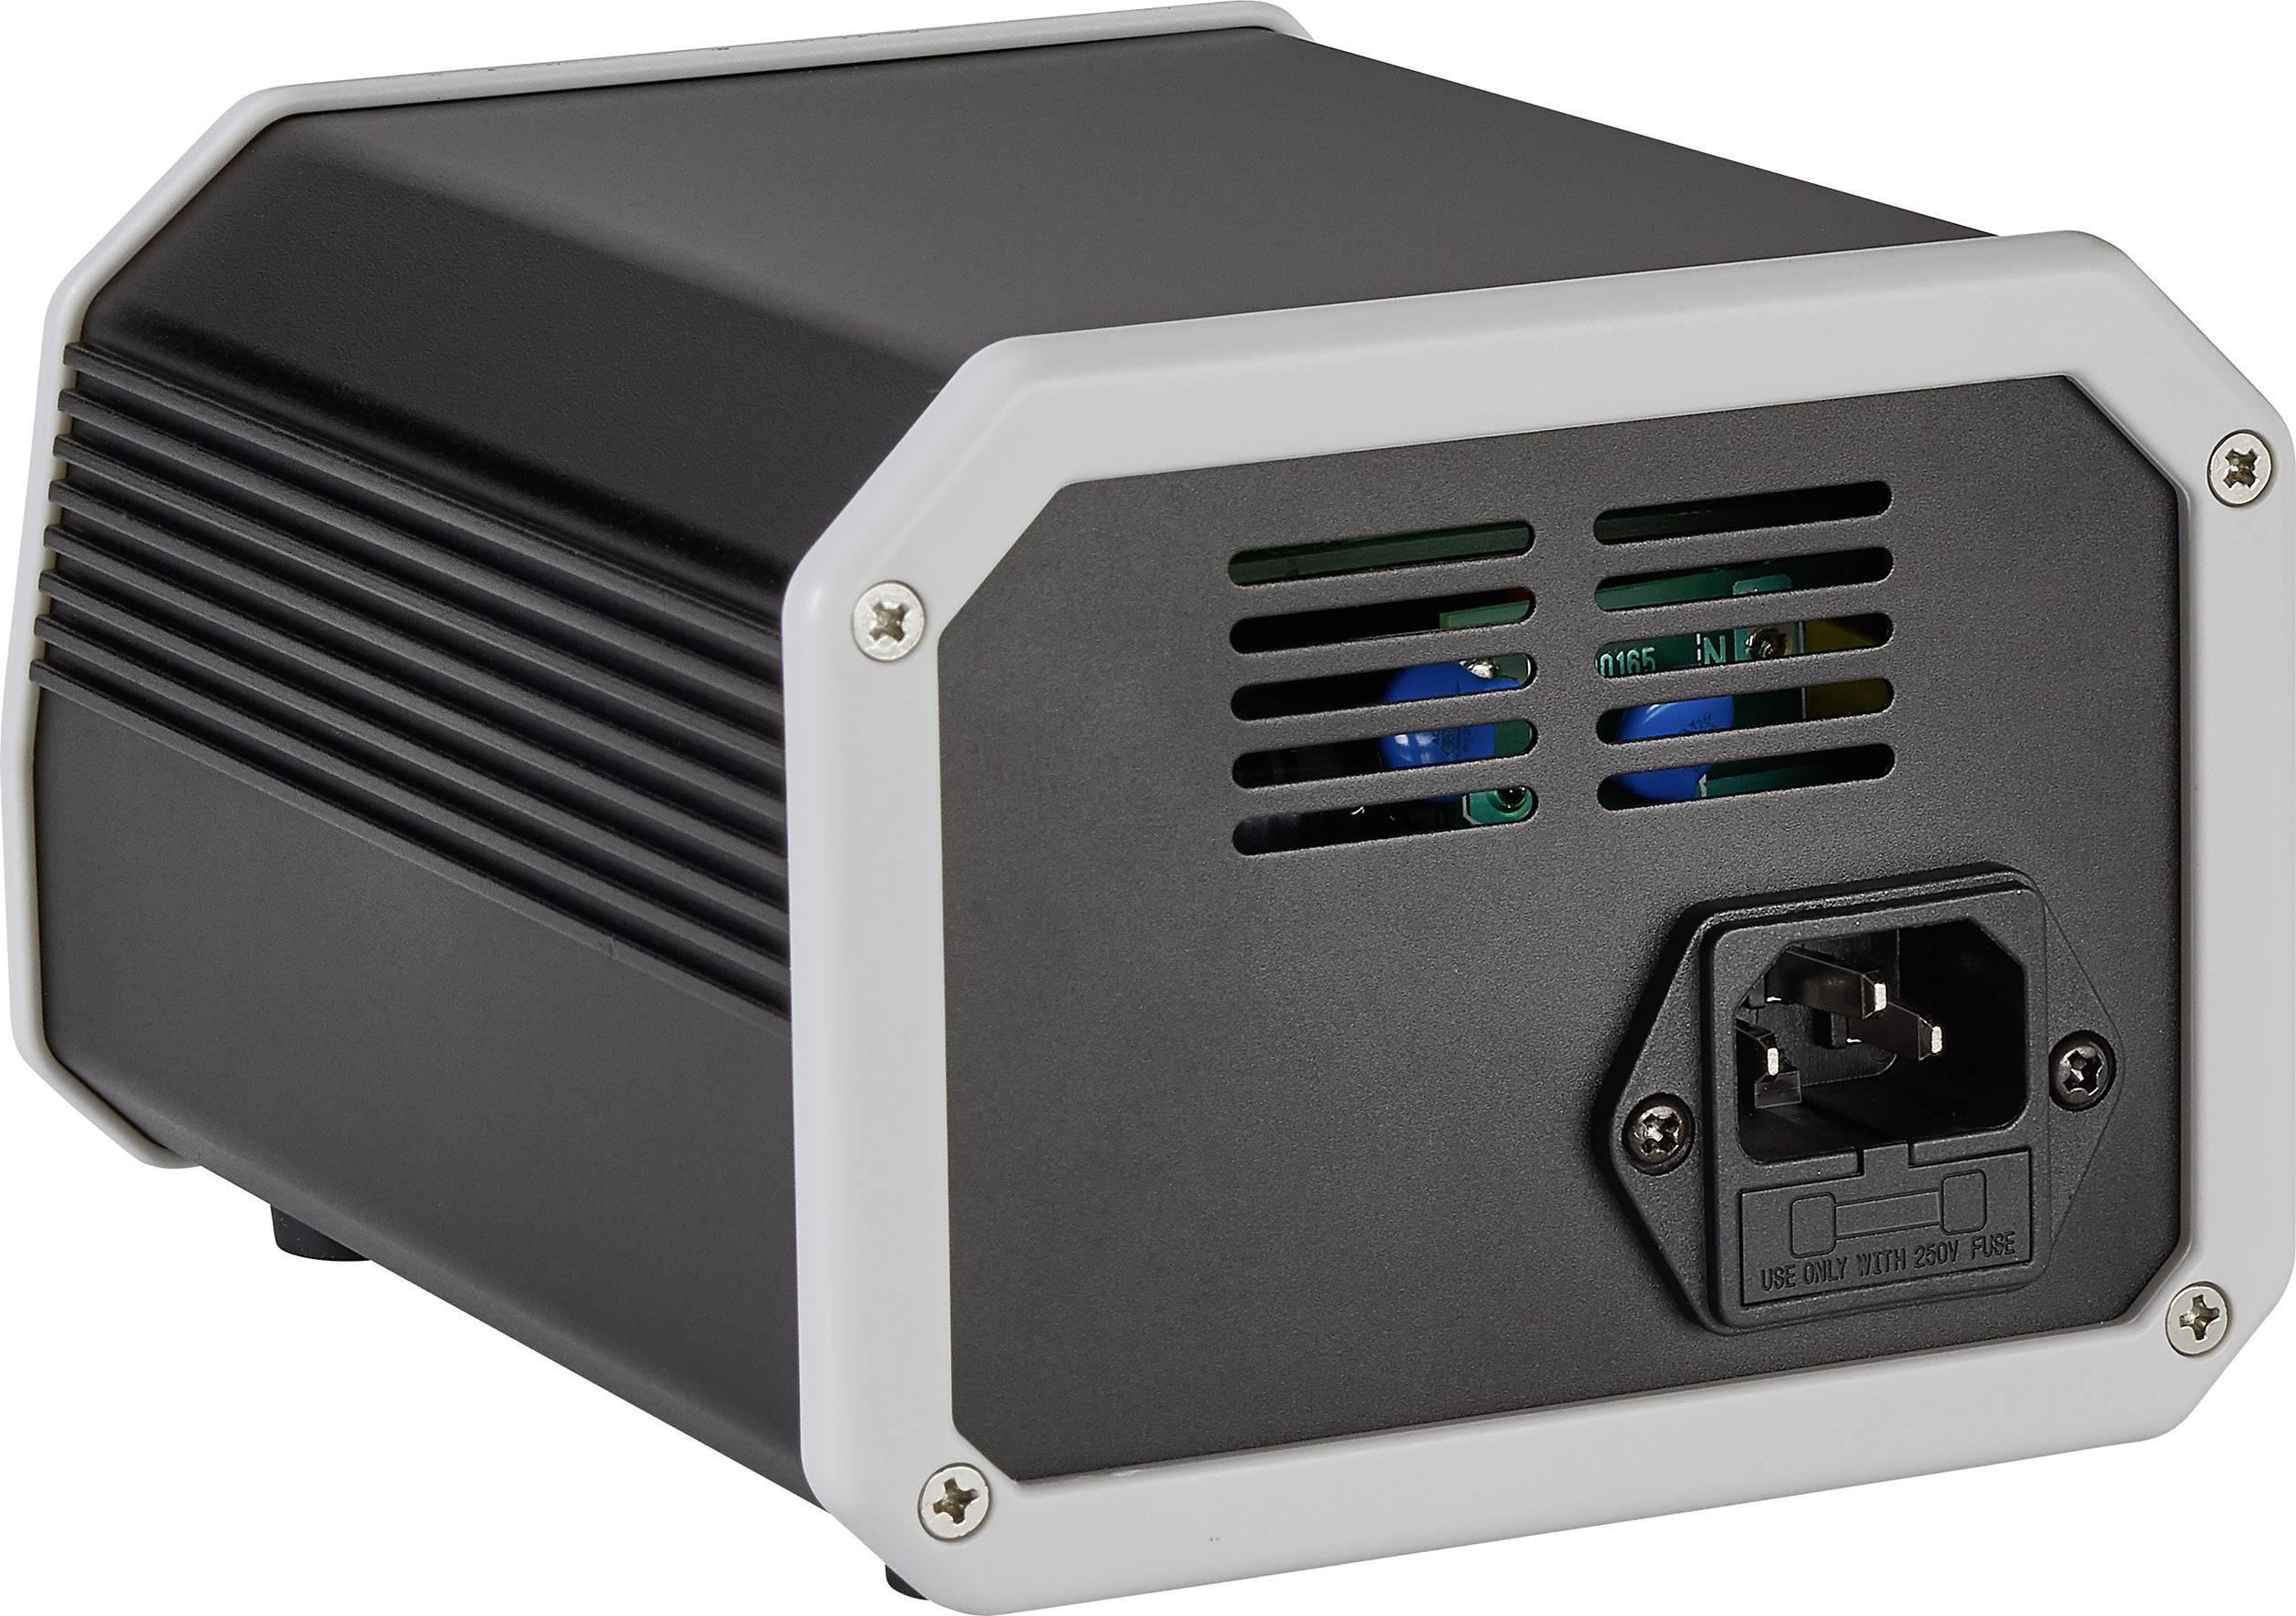 Vysokofrekvenční pájecí stanice TOOLCRAFT ST-150 HF TO-4878198, digitální displej, 150 W, 50 až 480 °C, + pájecí hrot